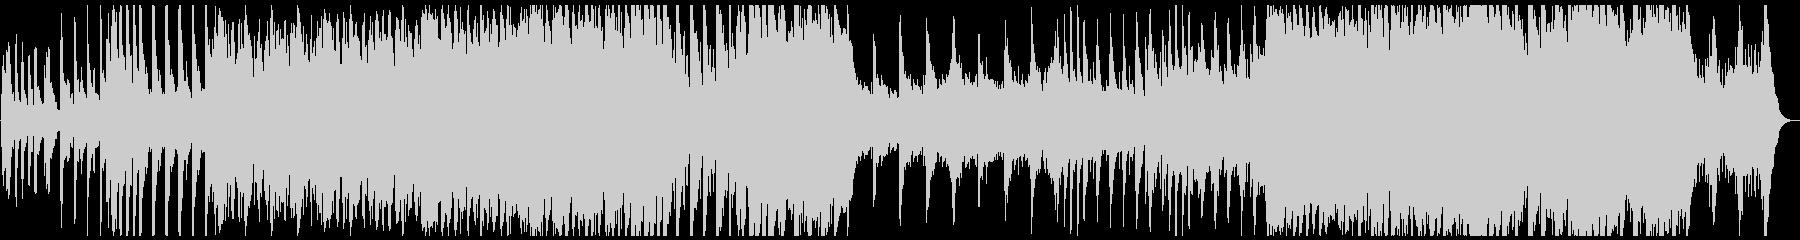 ハローウィン用のホラー曲の未再生の波形